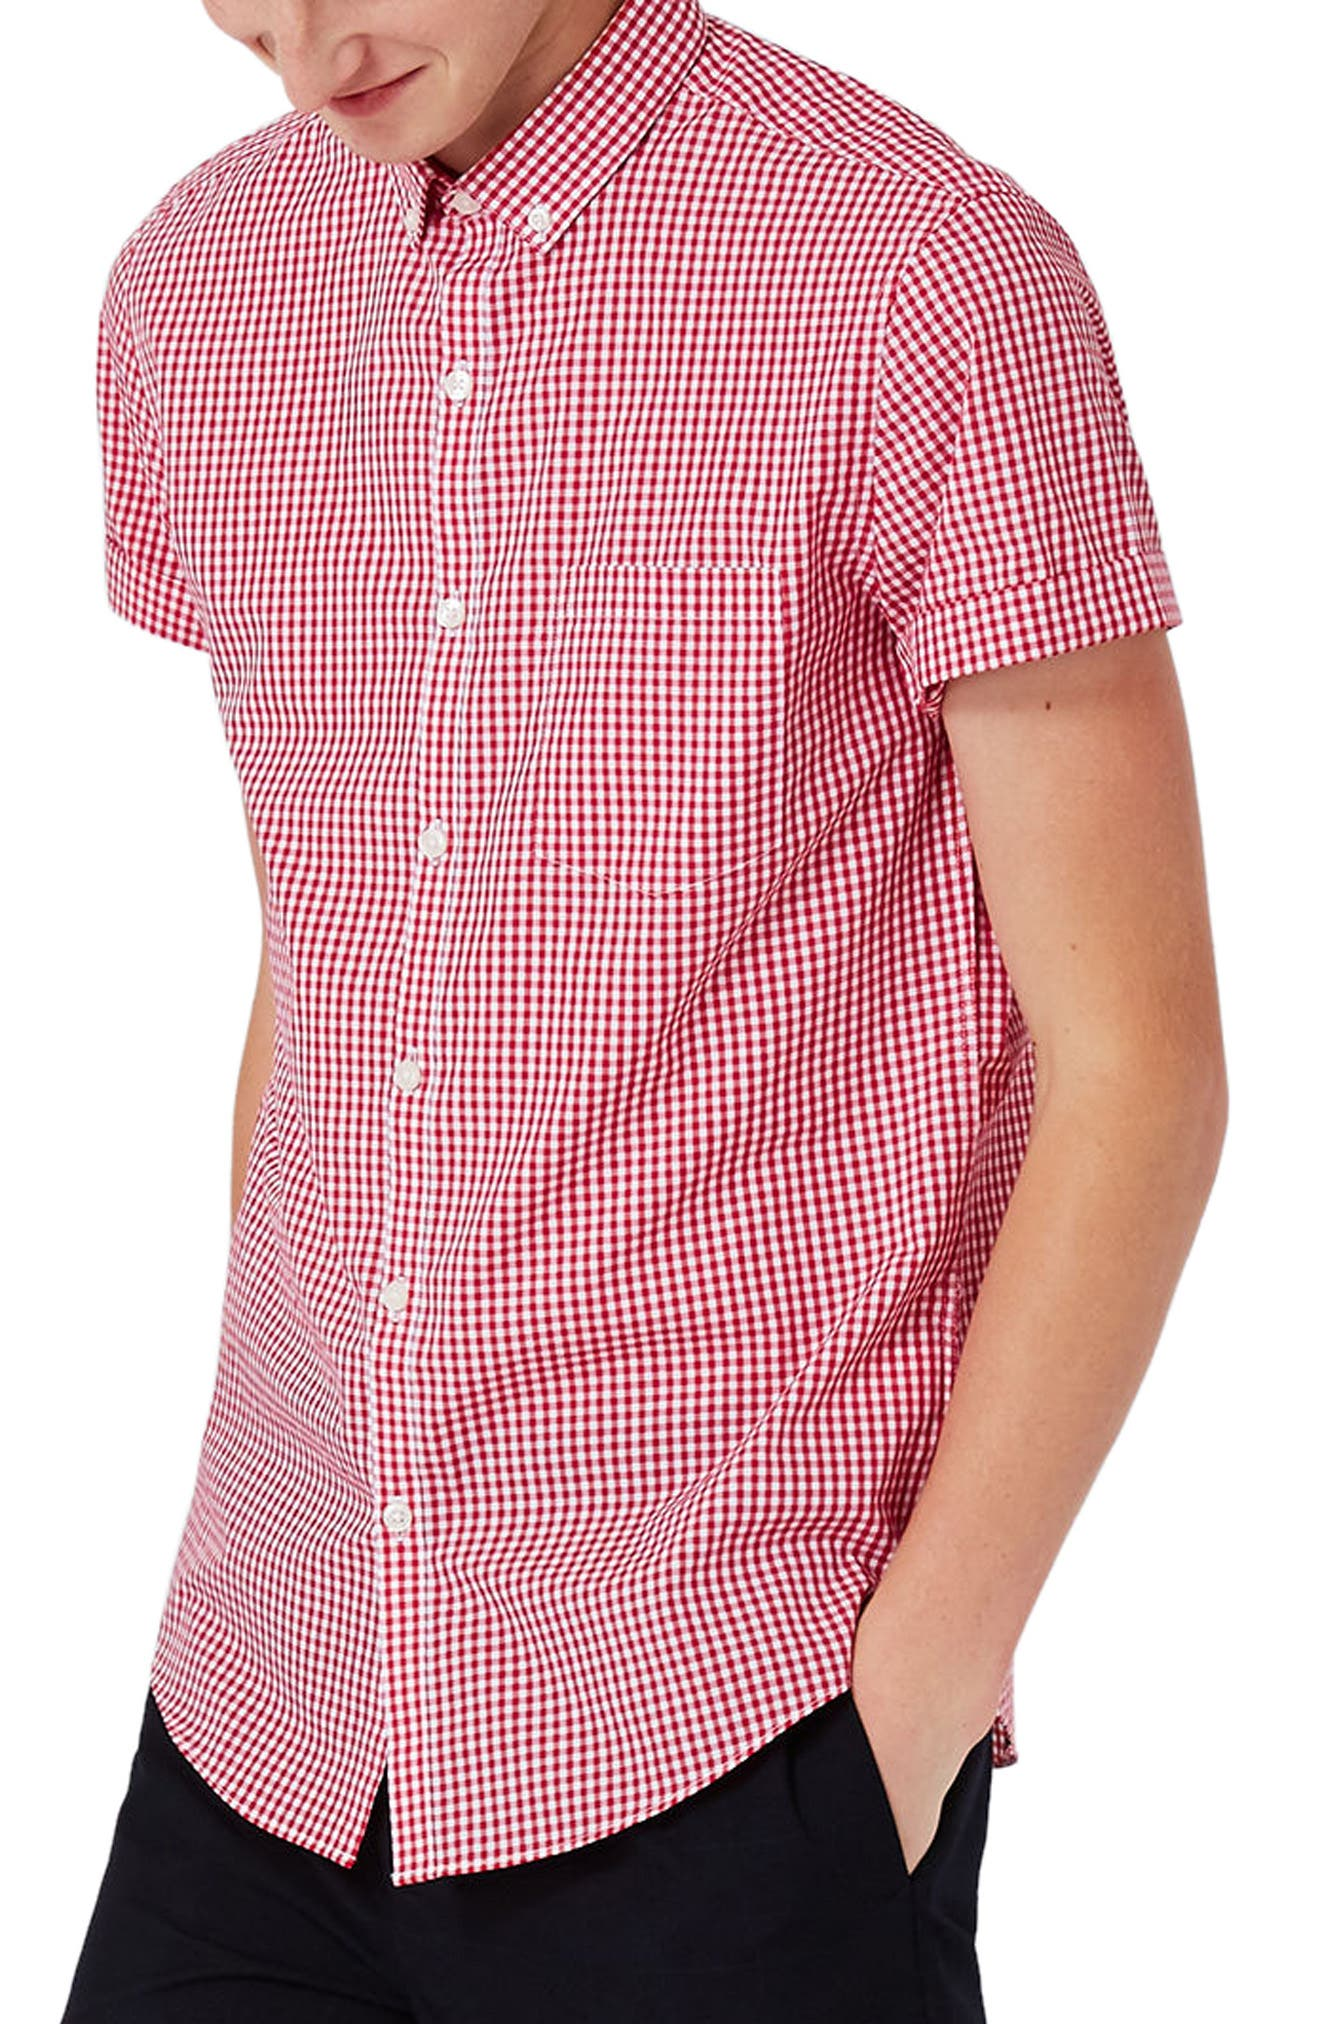 Topman Slim Fit Gingham Smart Shirt